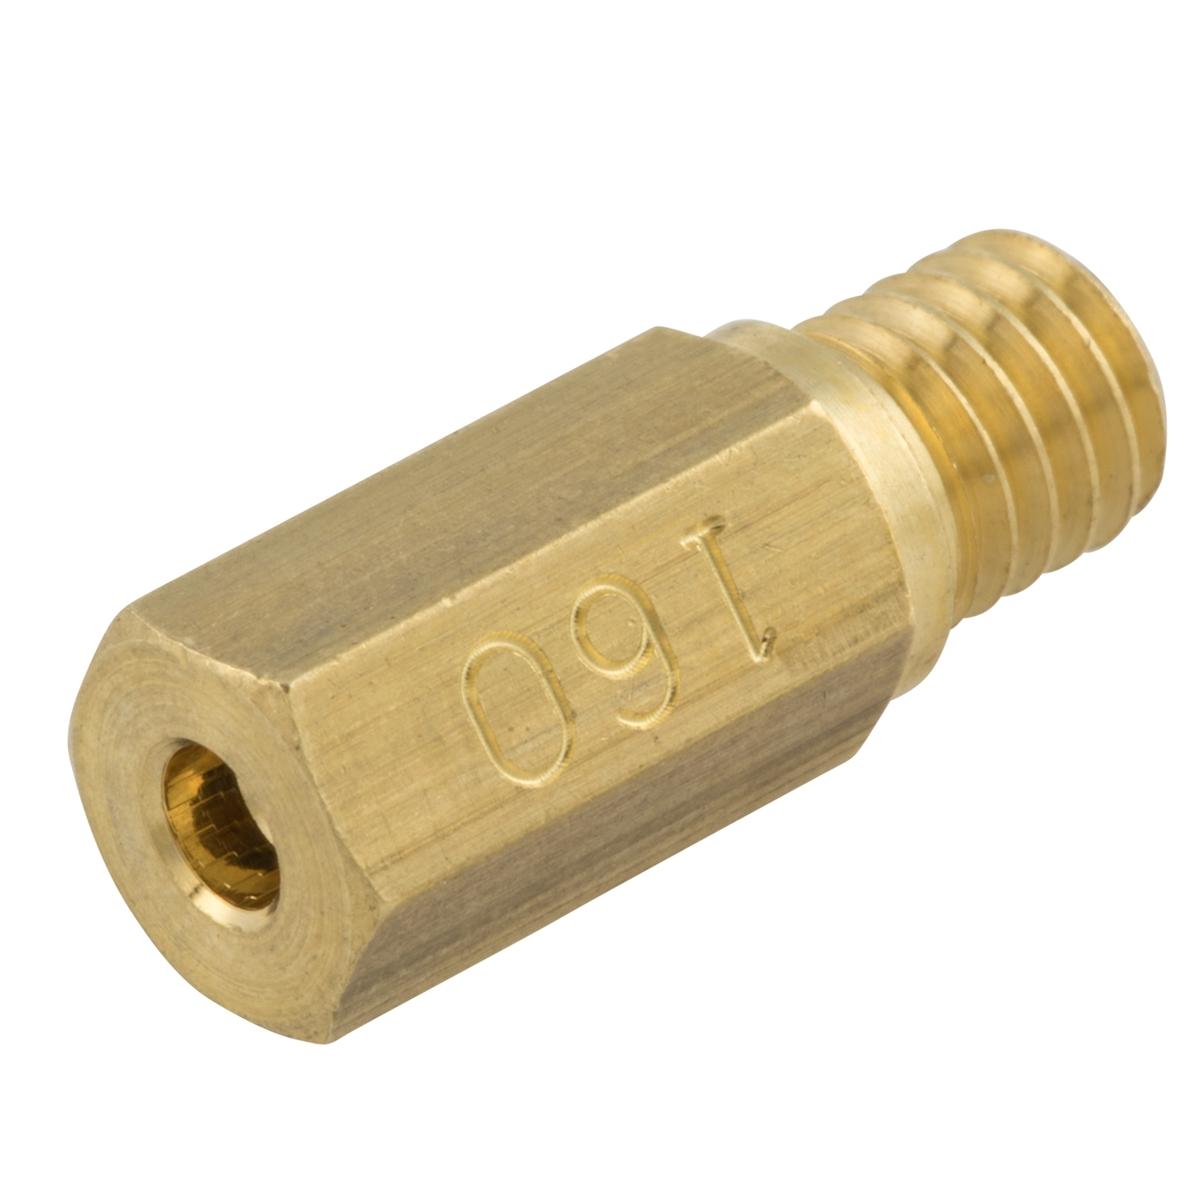 Εικόνα προϊόντος για 'Ζιγκλέρ KMT 132 Ø 6 mmTitle'